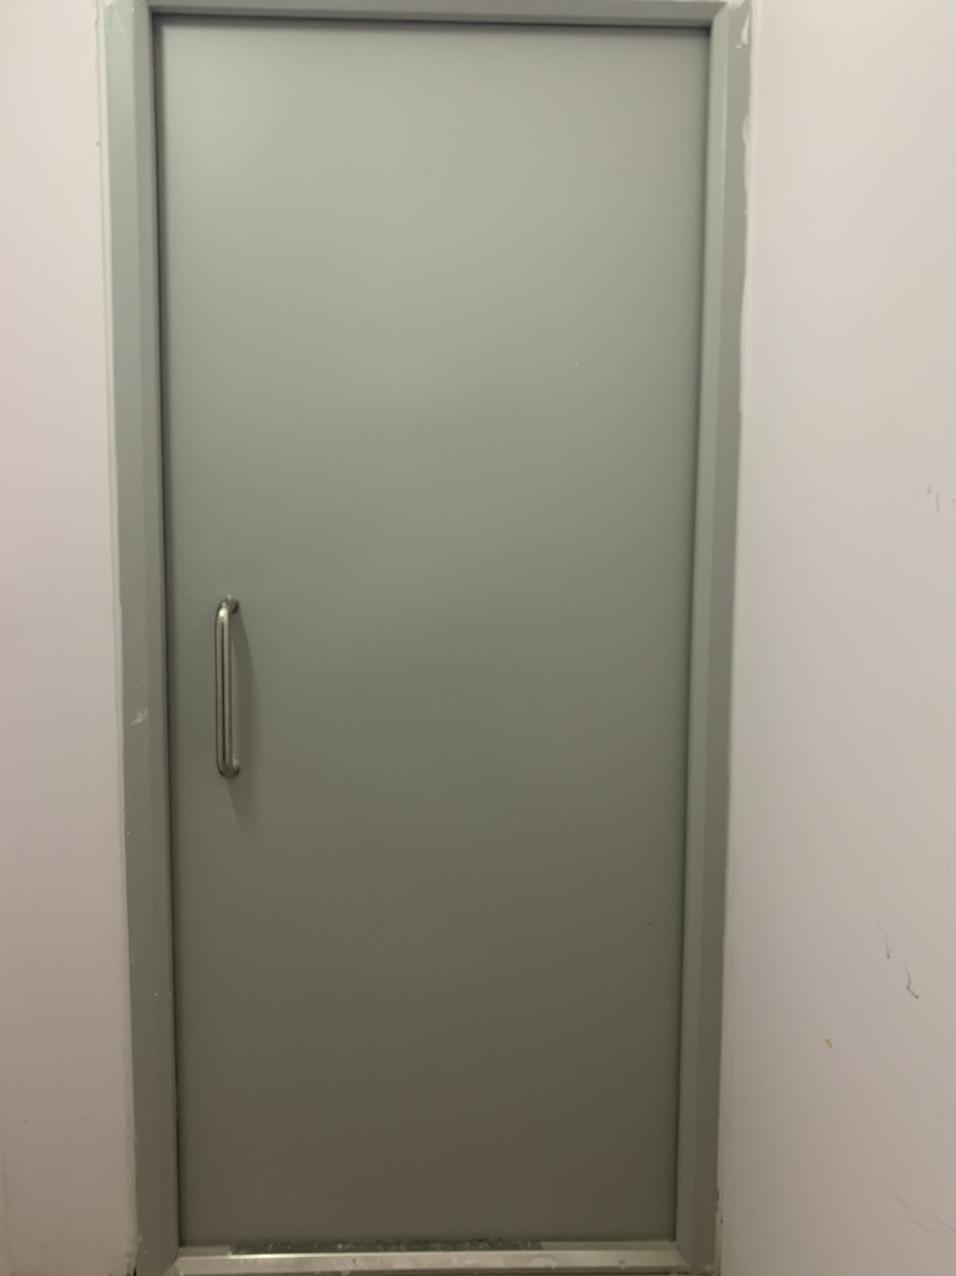 Nguyên tắc quan trọng lắp đặt cửa thép chống cháy